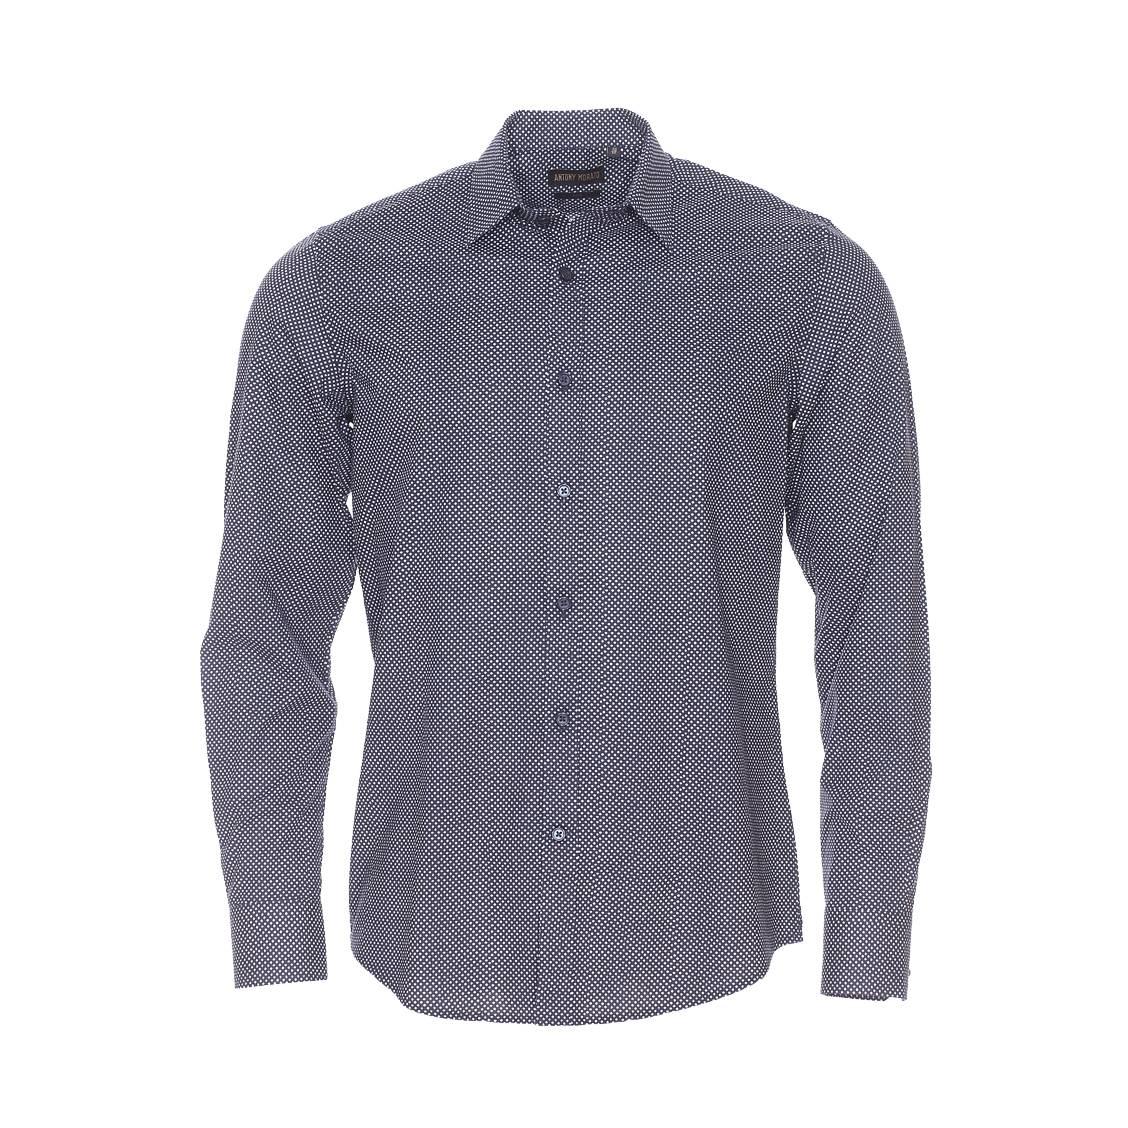 Chemise slim  en coton bleu marine à petit motif losange blanc